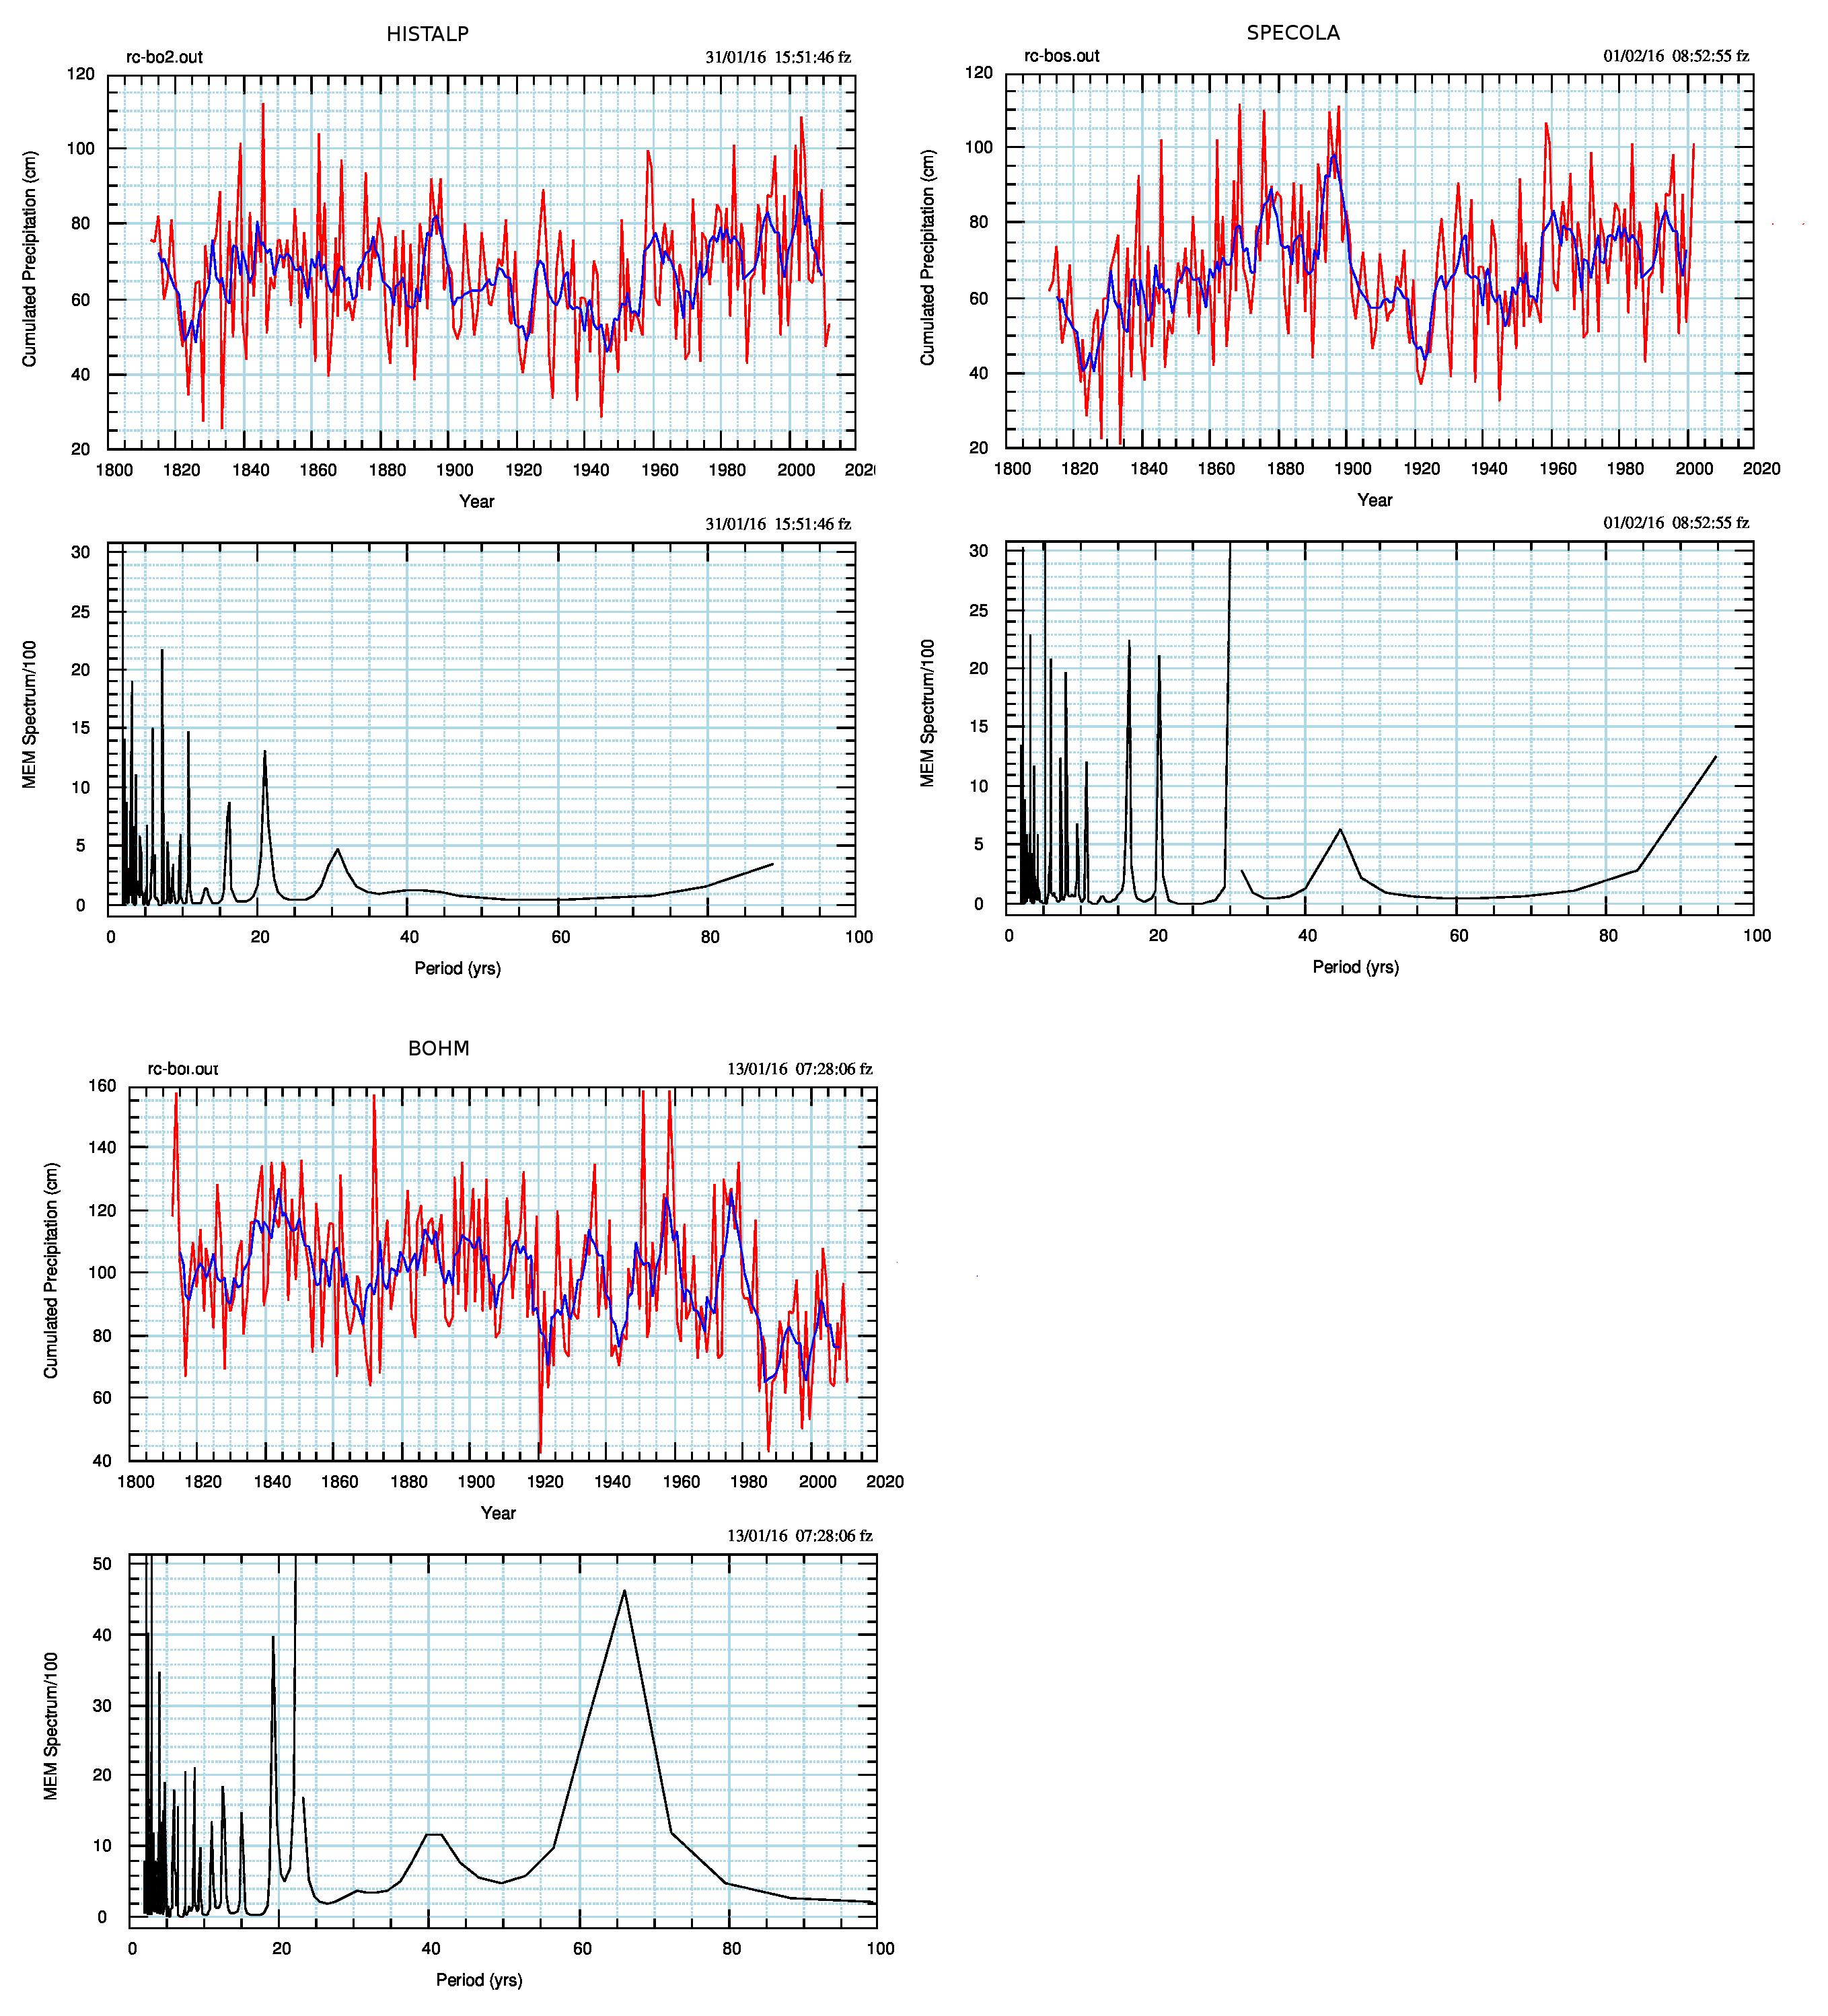 Fig.1. Confronto tra i dati di precipitazione disponibili per Bologna. La linea rossa è il dato osservato (cumulato annuale); la linea blu è la media mobile su 5 anni.